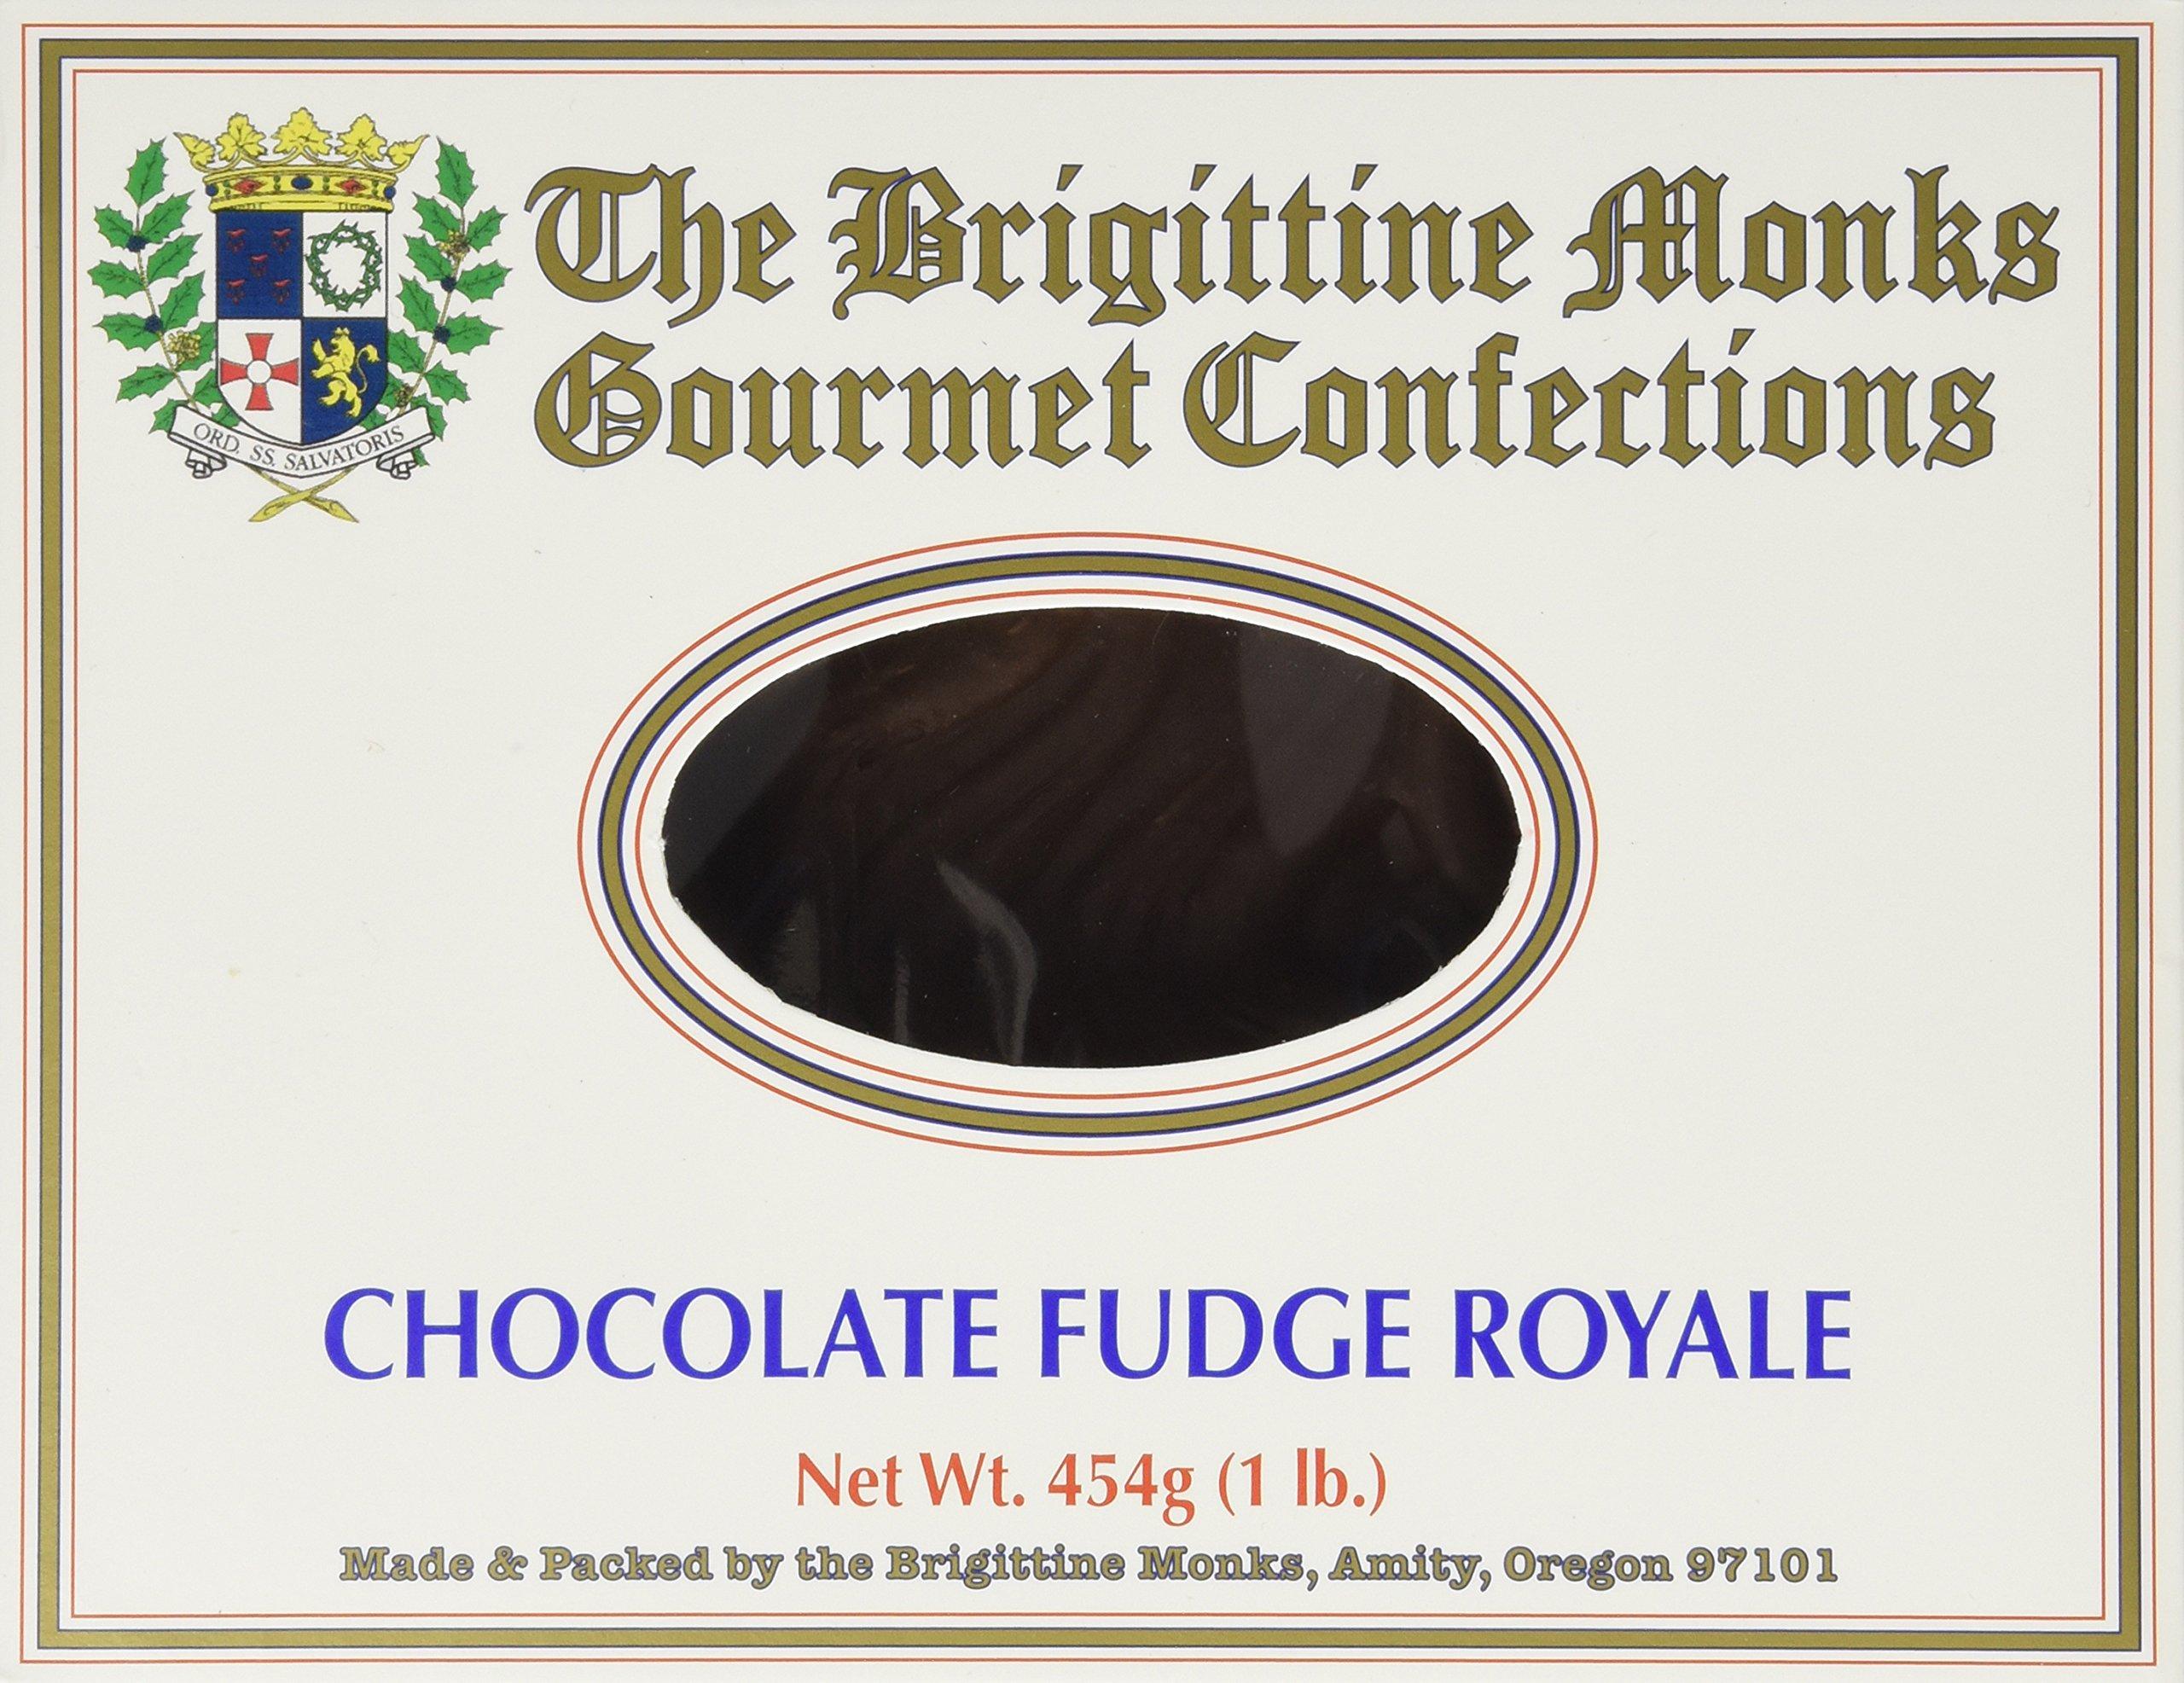 Chocolate Fudge Royale No Nuts: Brigittine Monks 1lb